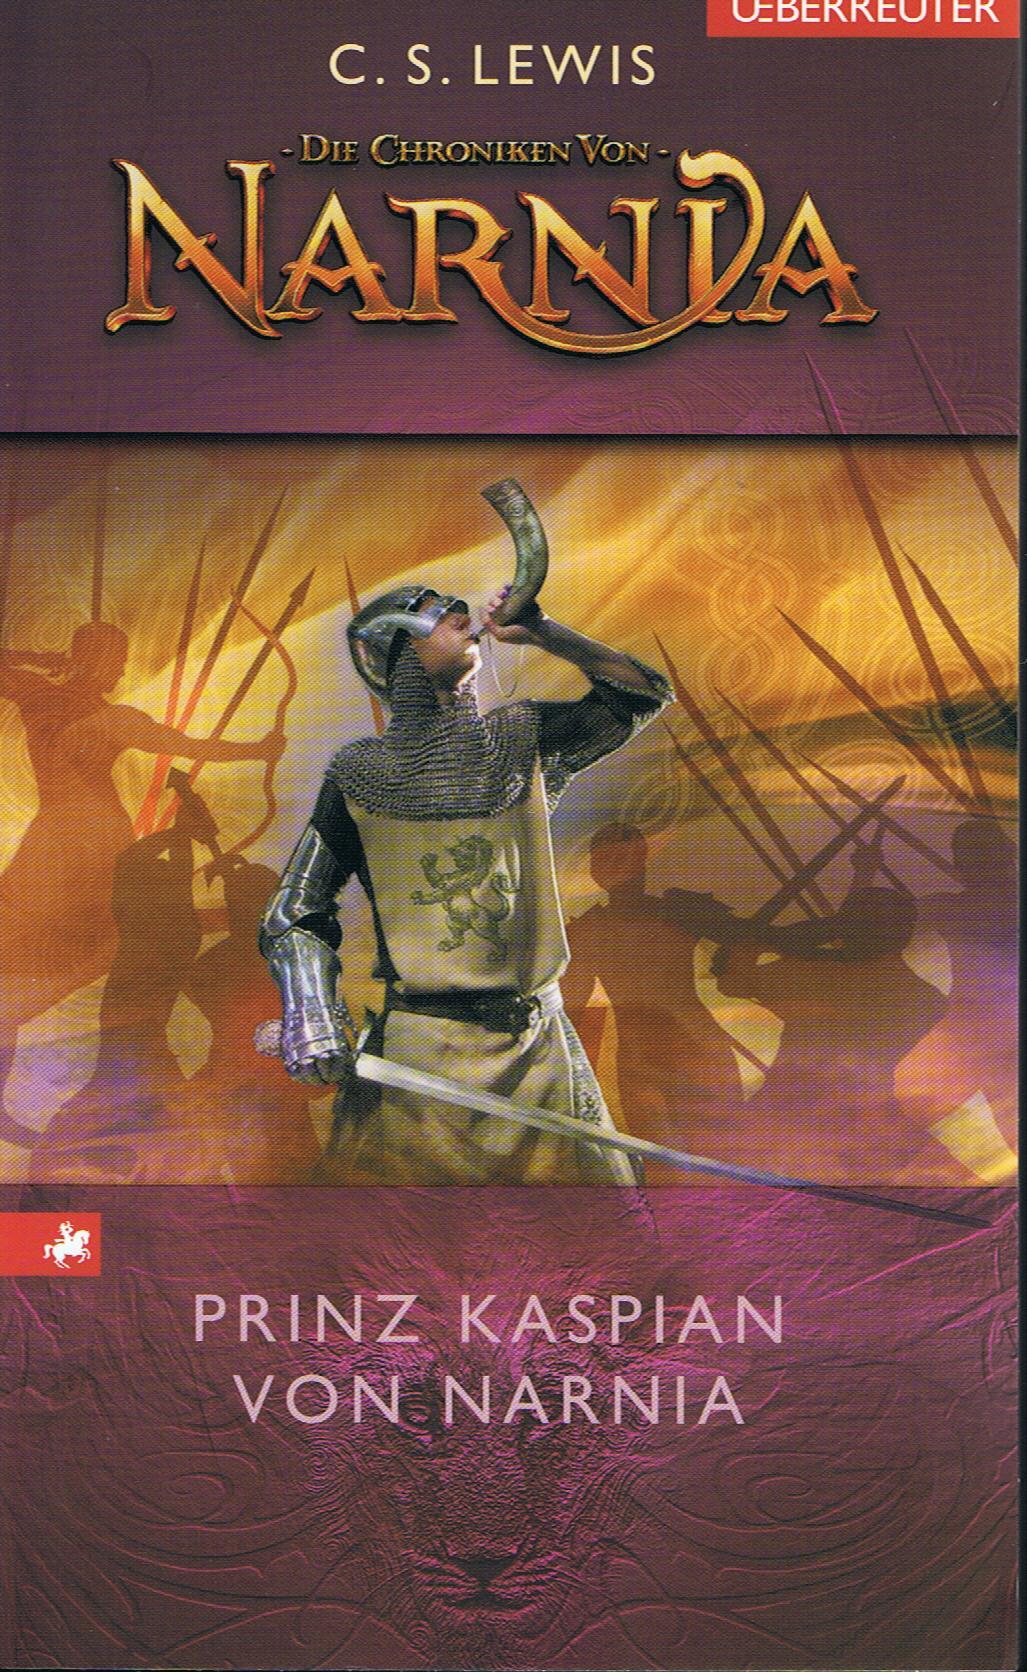 Prinz Kaspian